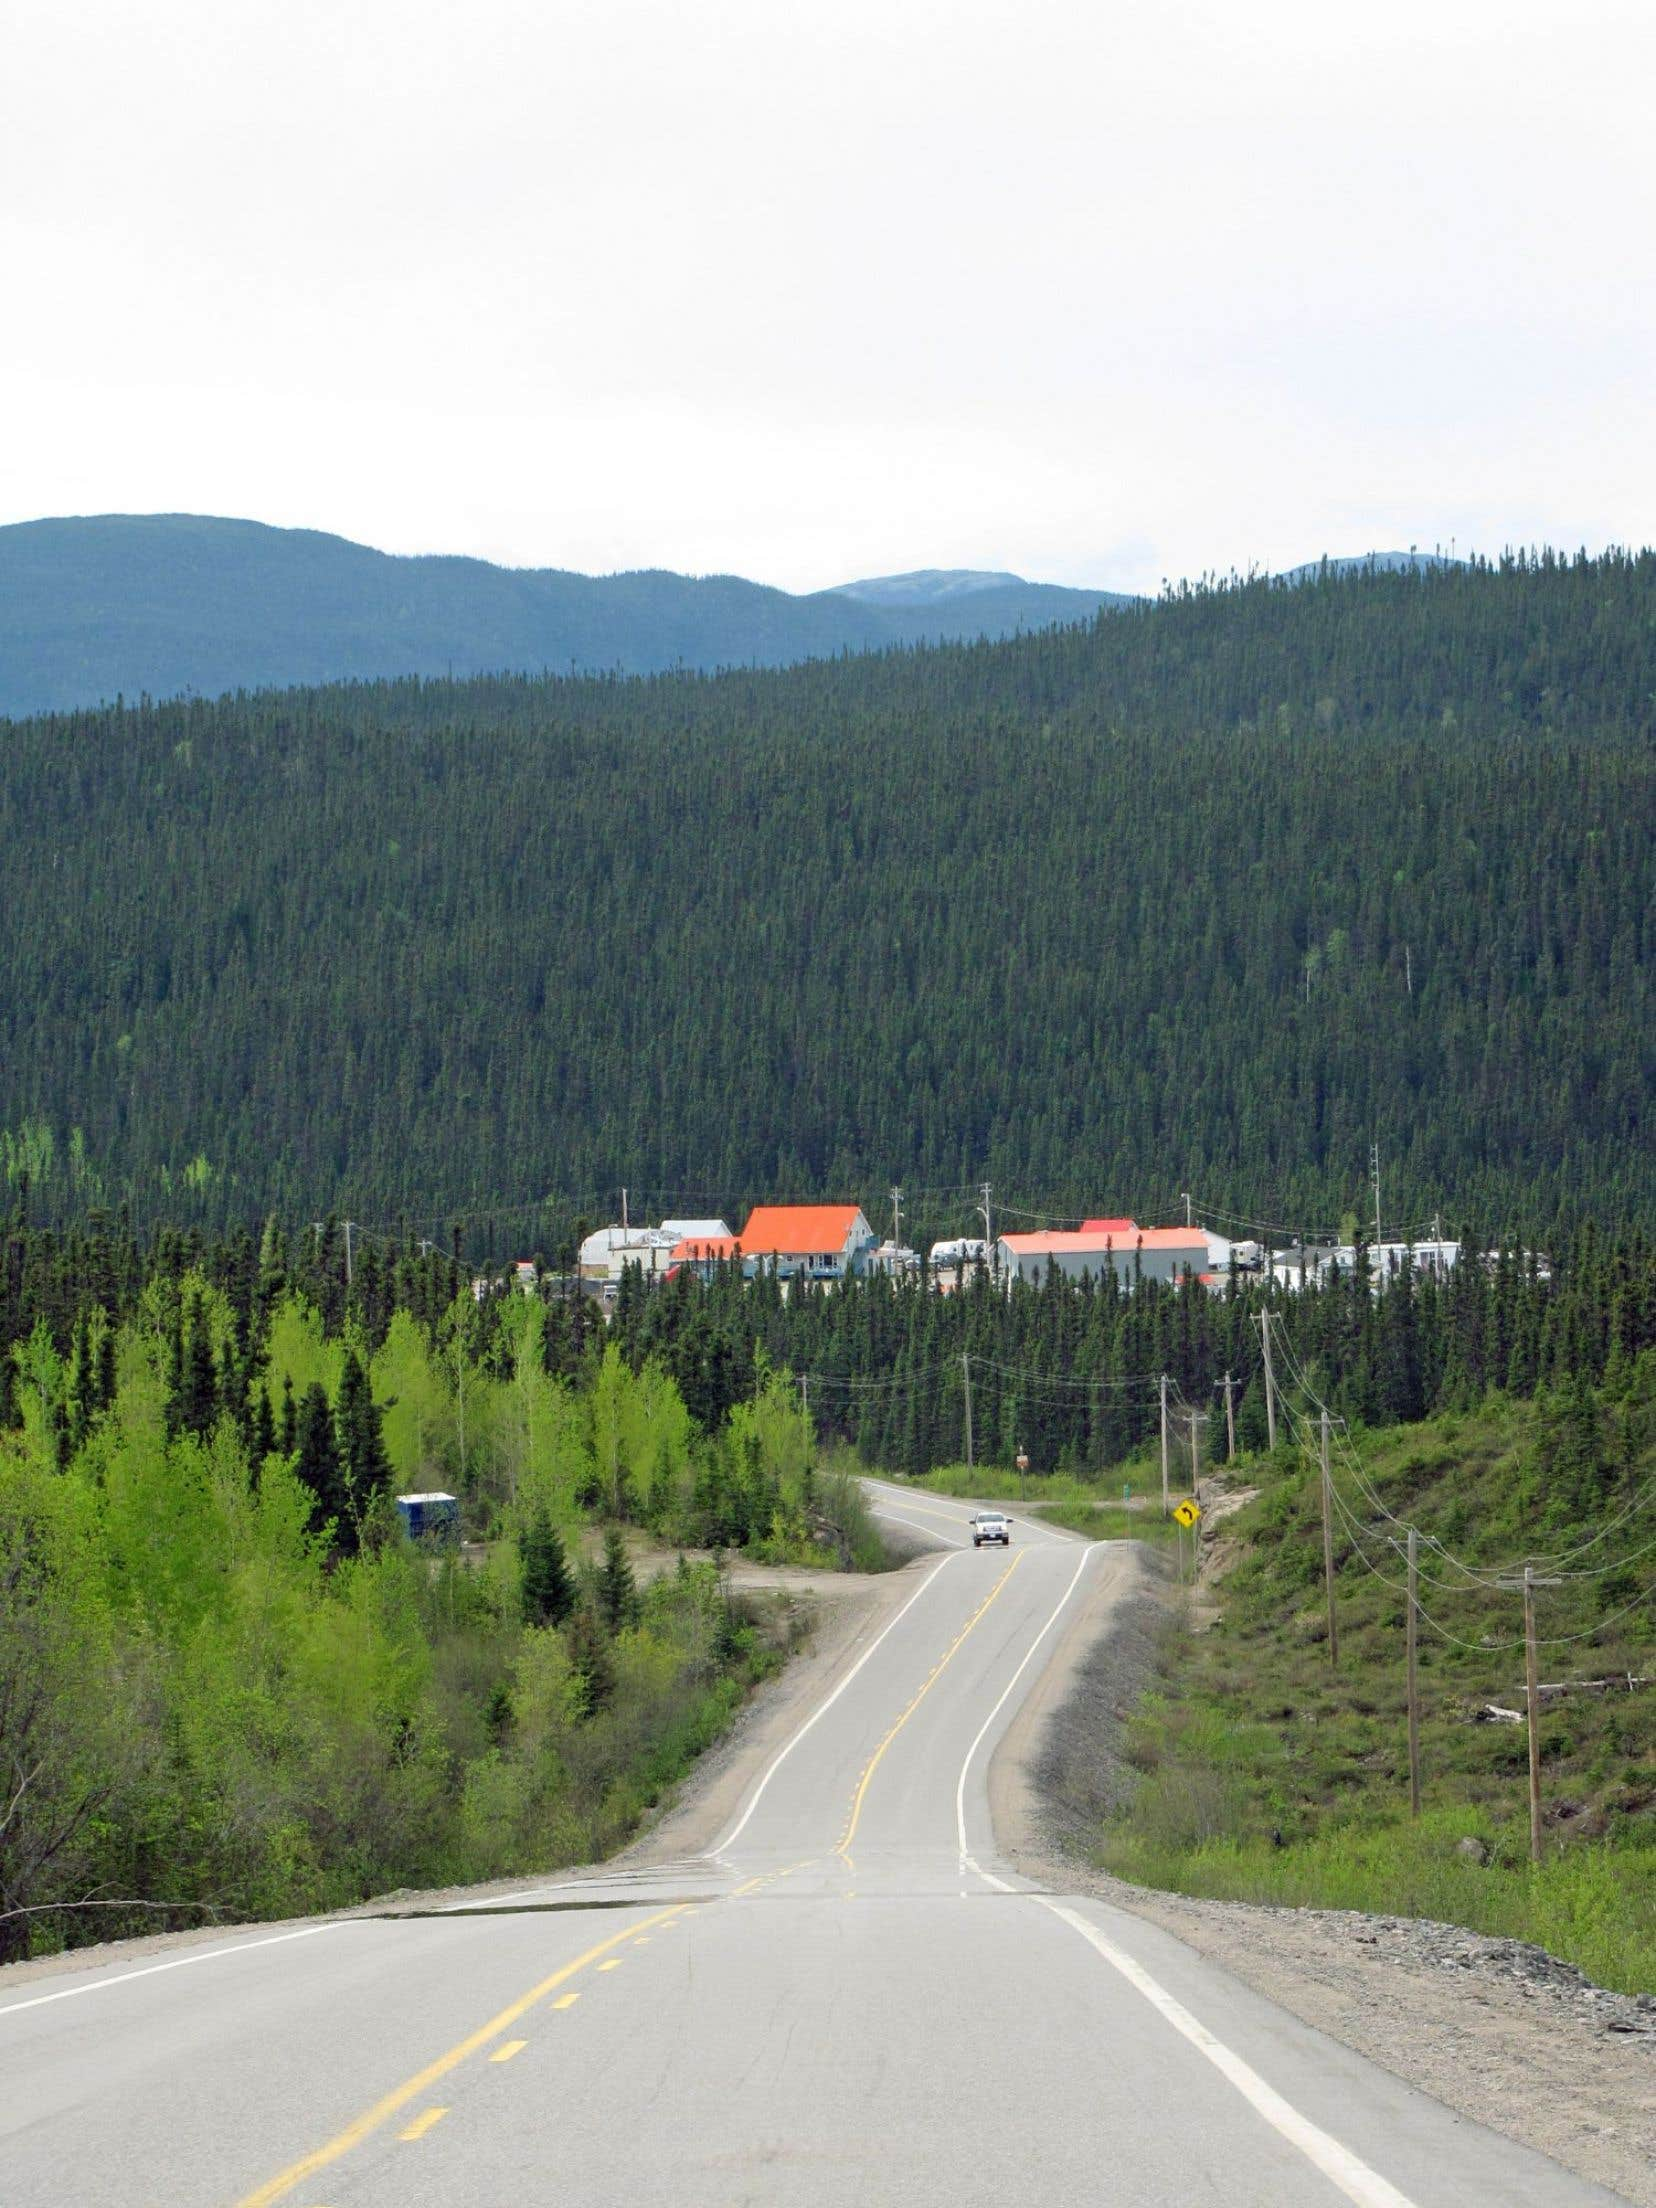 Le Relais Gabriel du kilomètre 316, une sorte d'oasis avec son restaurant et ses six motels